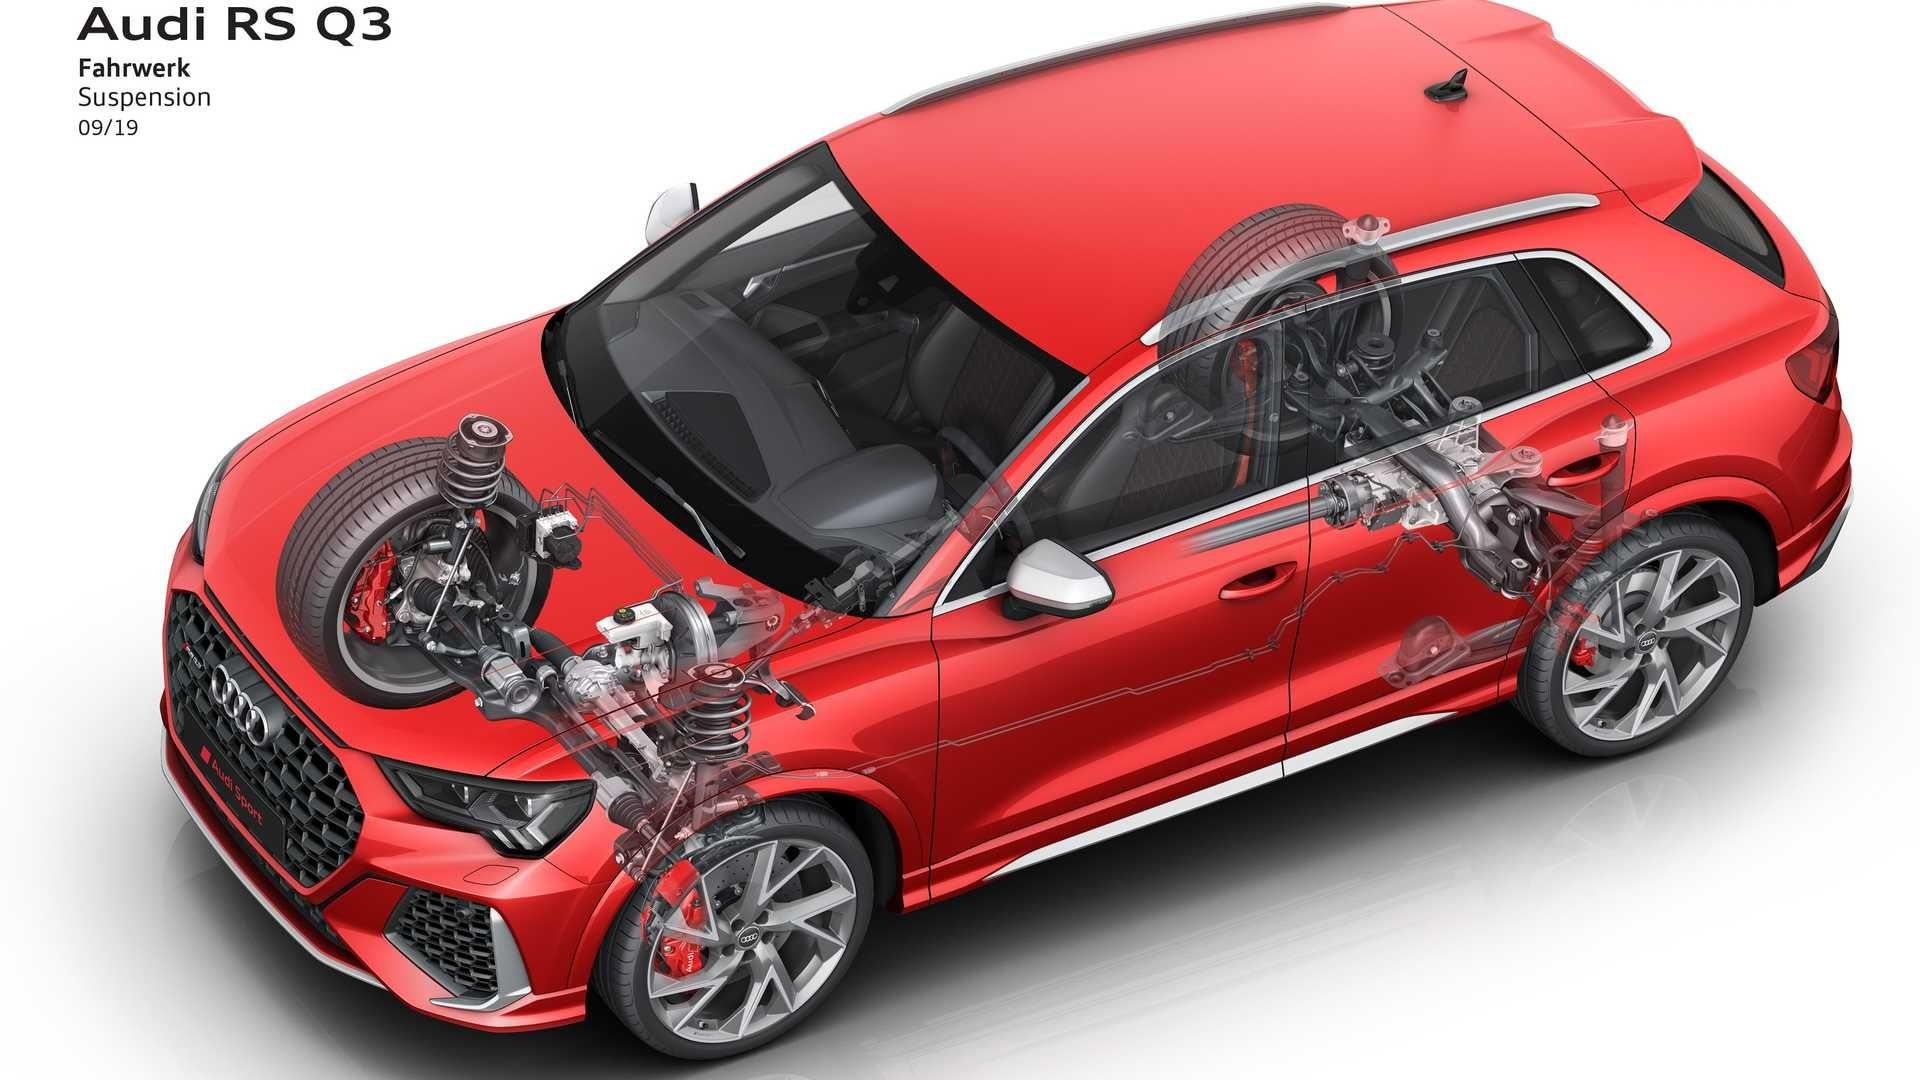 Кишенькові гармати: Audi RS Q3 та RS Q3 Sportback поповнили родину задиркуватих кросоверів